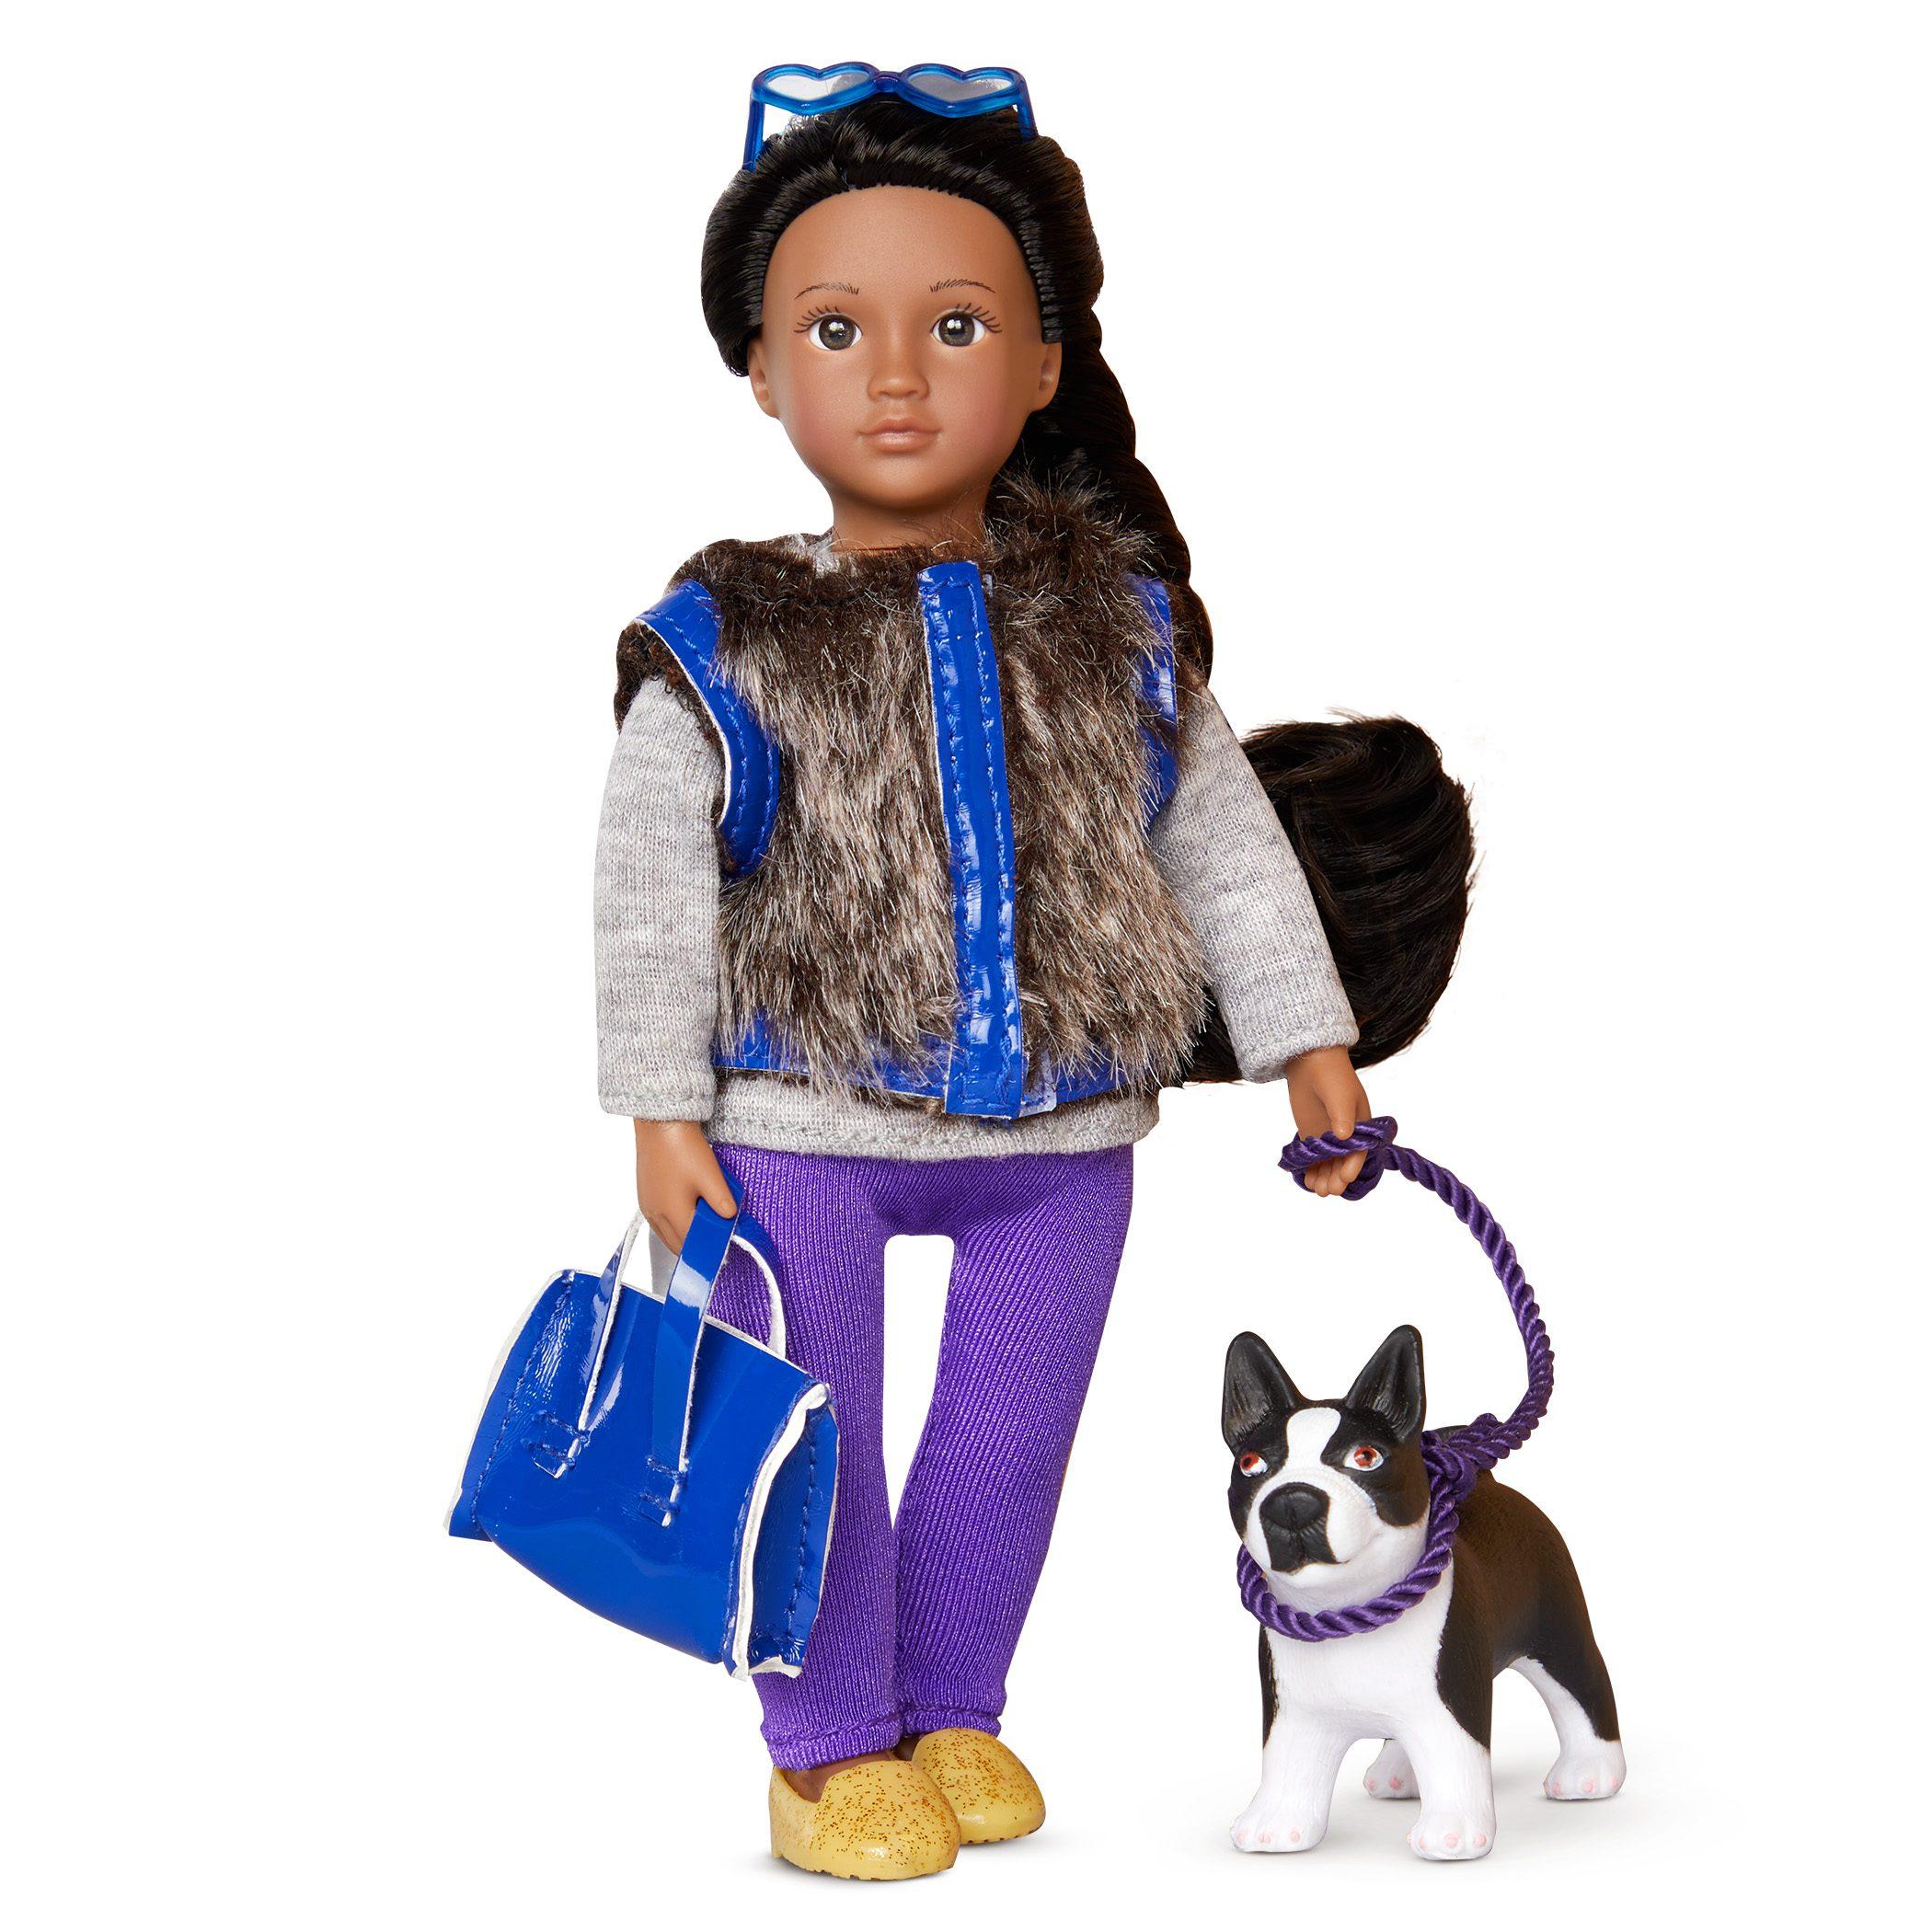 Ilyssa & Indigo | 6-inch Fashion Doll with Dog | Lori